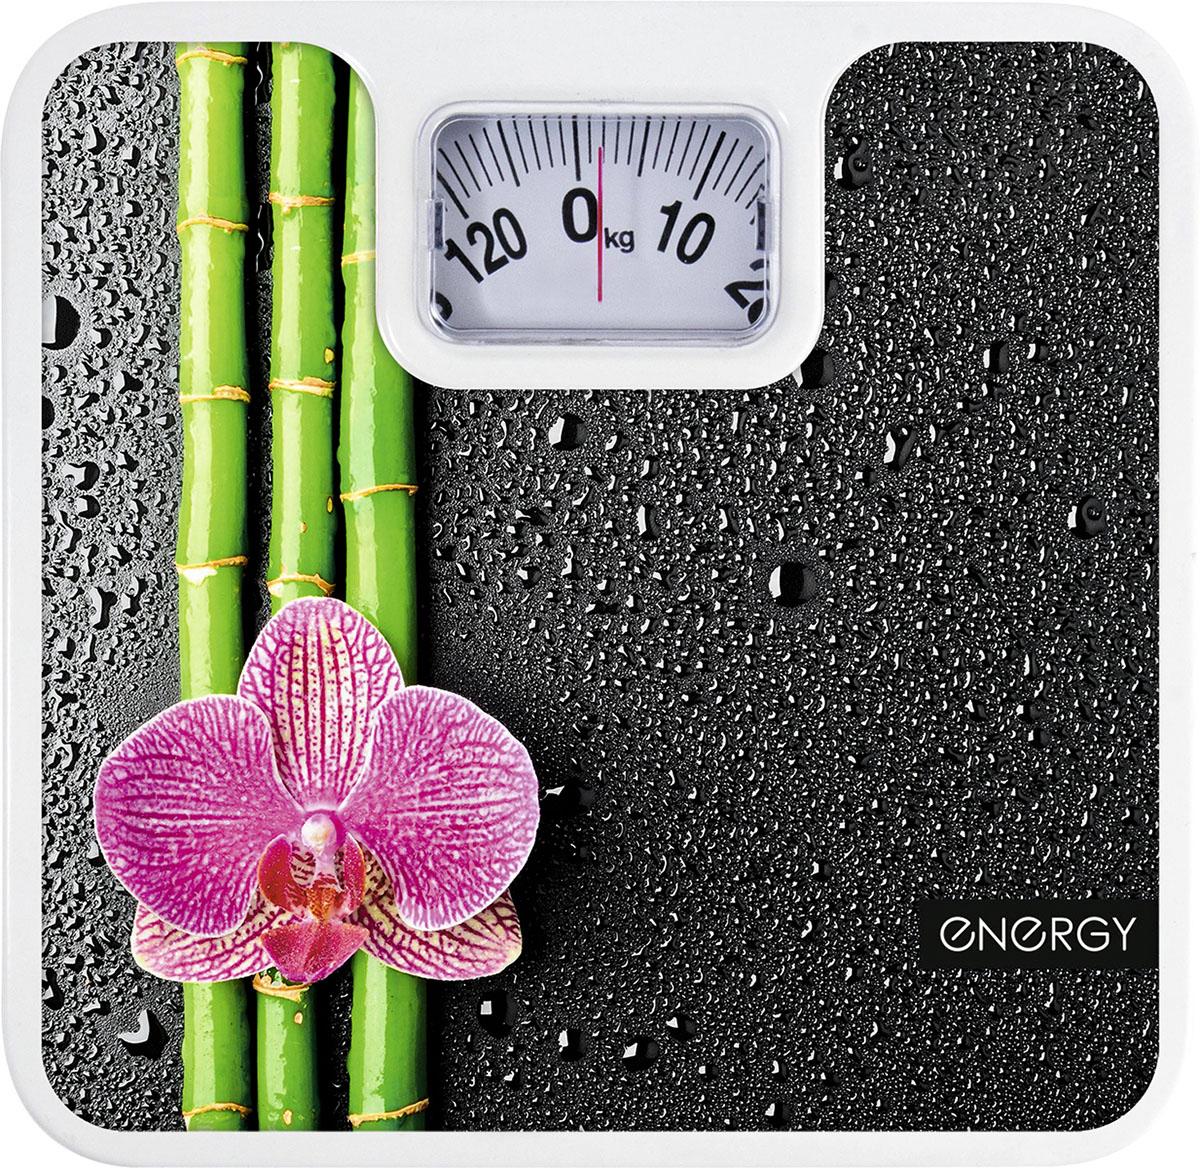 Energy ENМ-409D напольные весы energy весы напольные механические enм 408b energy